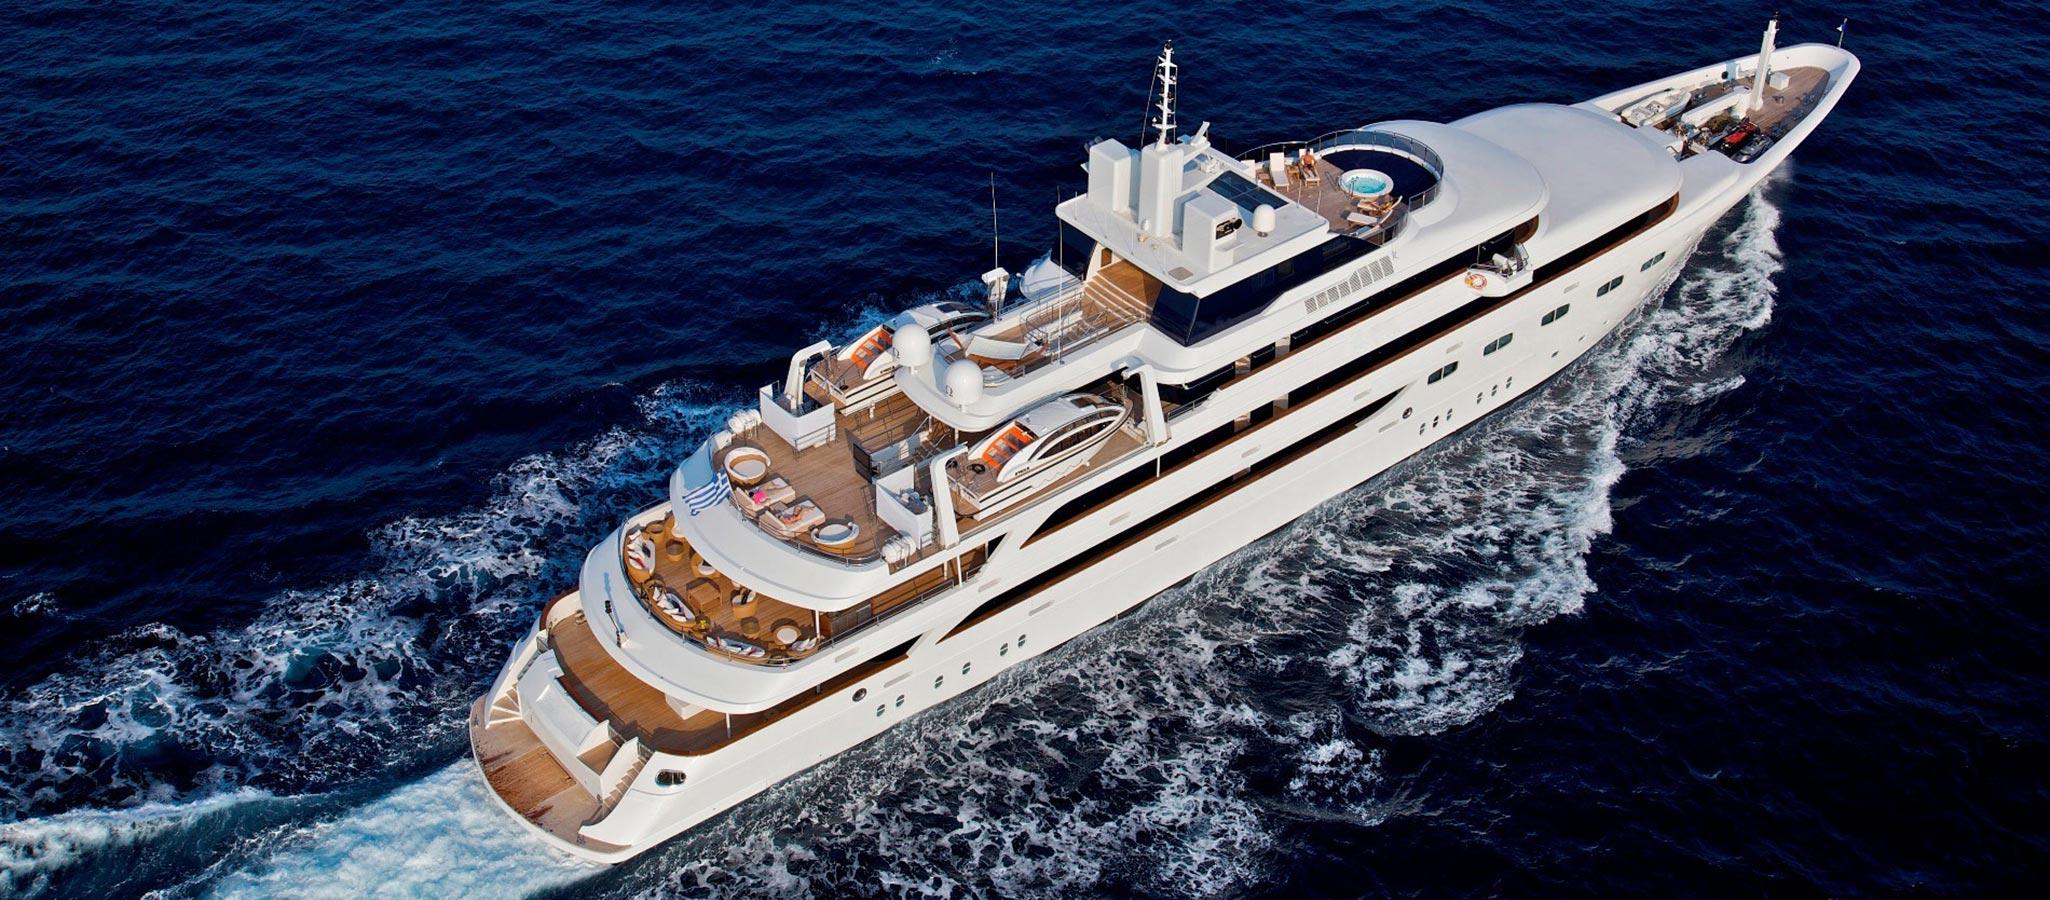 Kreuzfahrtschiffe der Kategorie bis 50 Passagiere sind meist speziell zertifizierte Megayachten im obersten Premium-Segment. Sie bieten maximale Flexibilität - auch hinsichtlich ihrer Verfügbarkeit für MICE-Events.